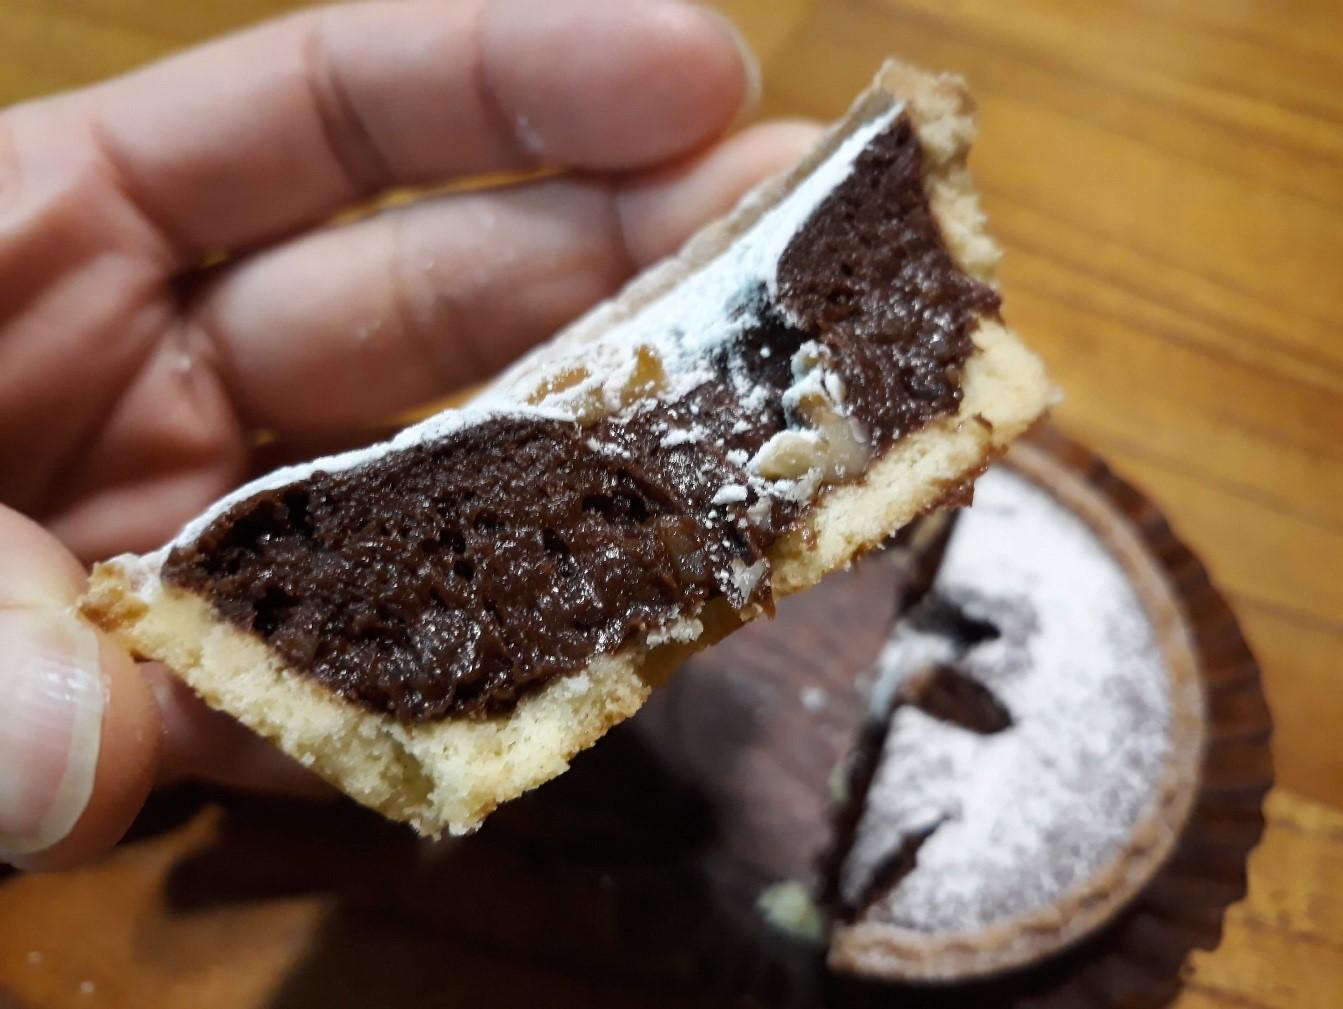 チョコブラウニーが濃厚でとろける食感。クルミ入り